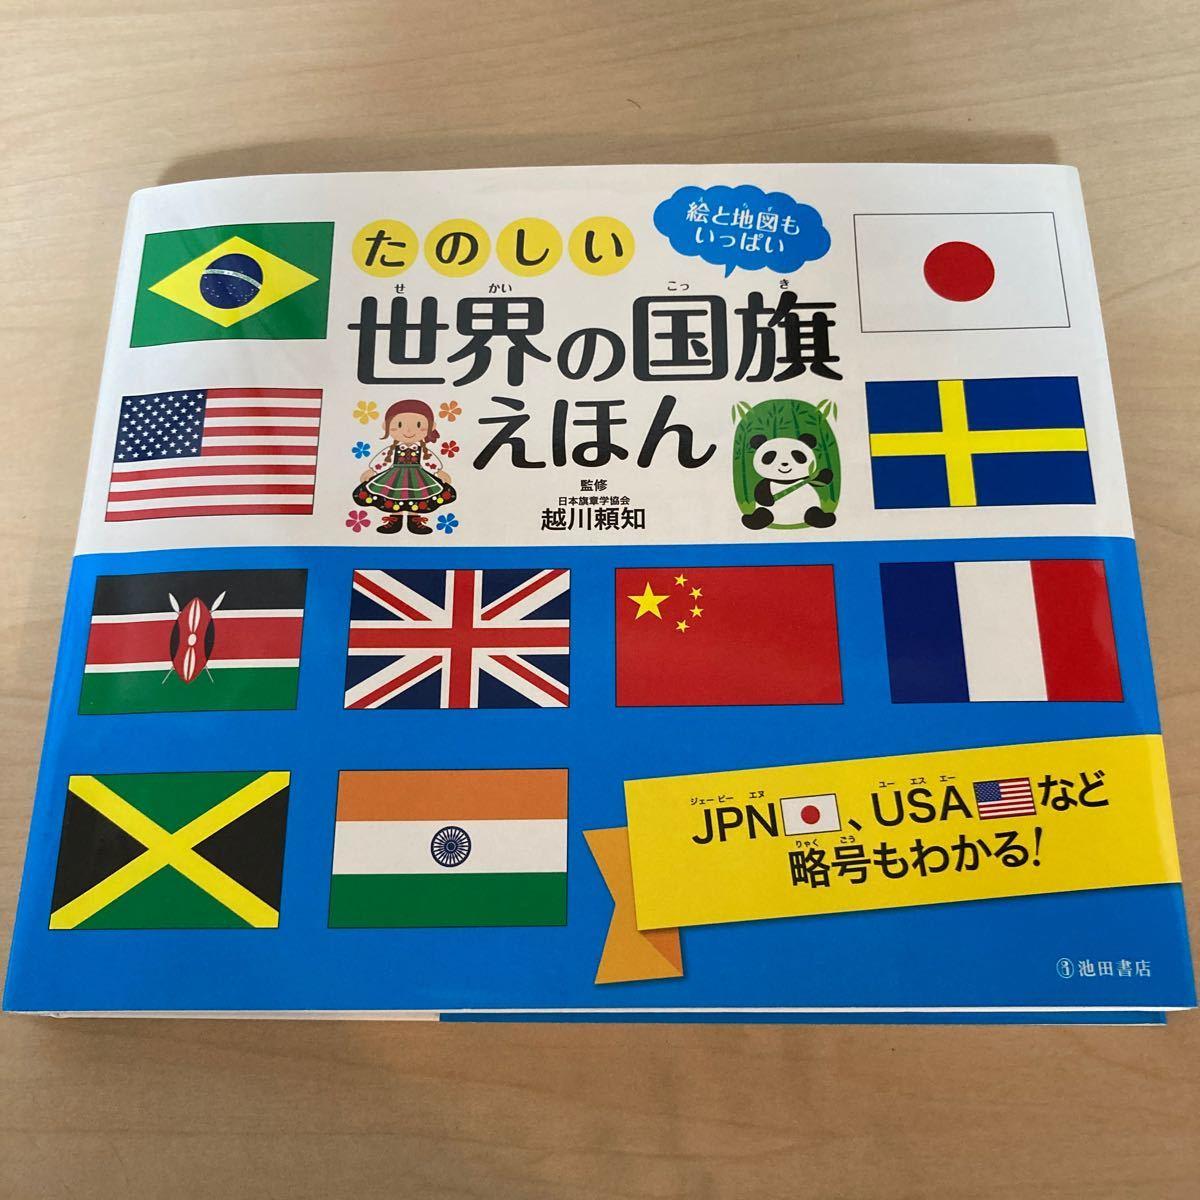 たのしい世界の国旗えほん 絵と地図もいっぱい/越川頼知